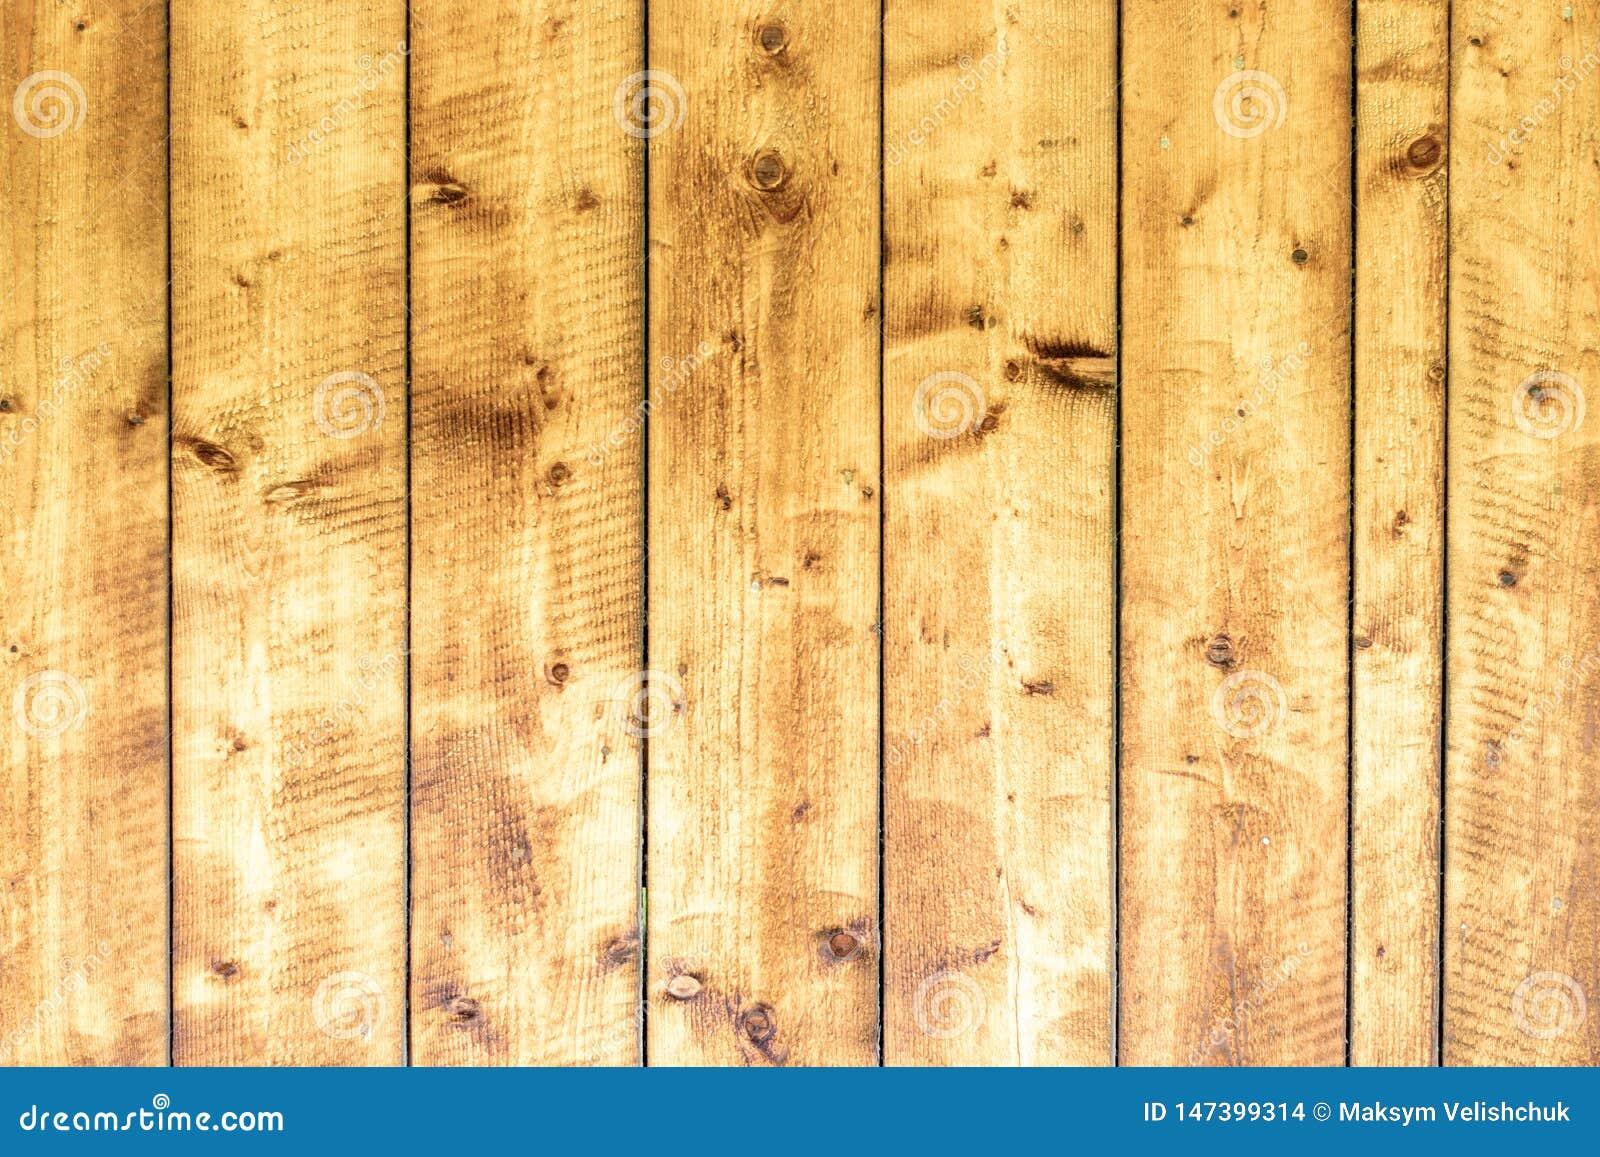 Stara wiejska drewniana ściana, szczegółowa fotografii tekstura